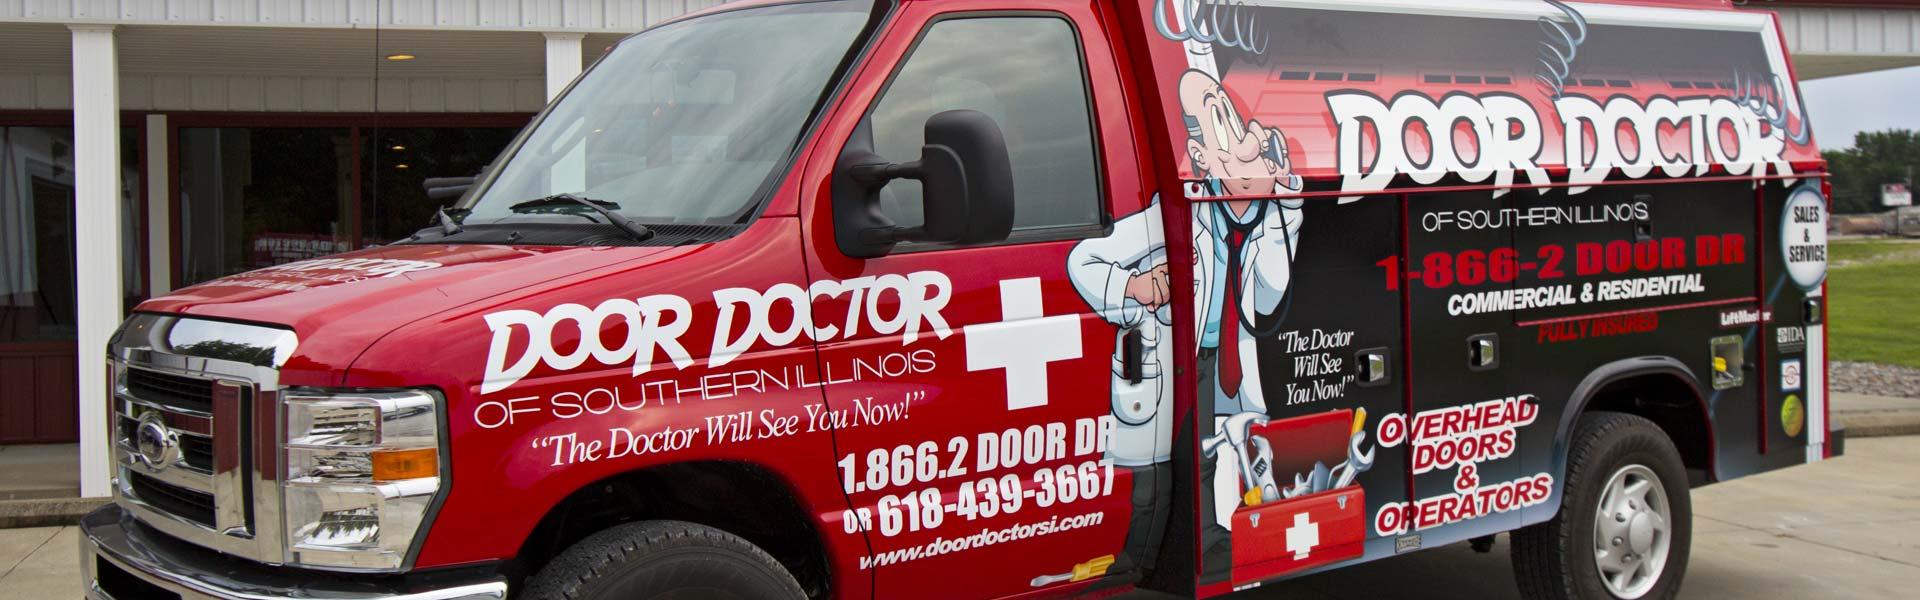 Door Doctor Of Southern Illinois Garage Doors In Benton Il